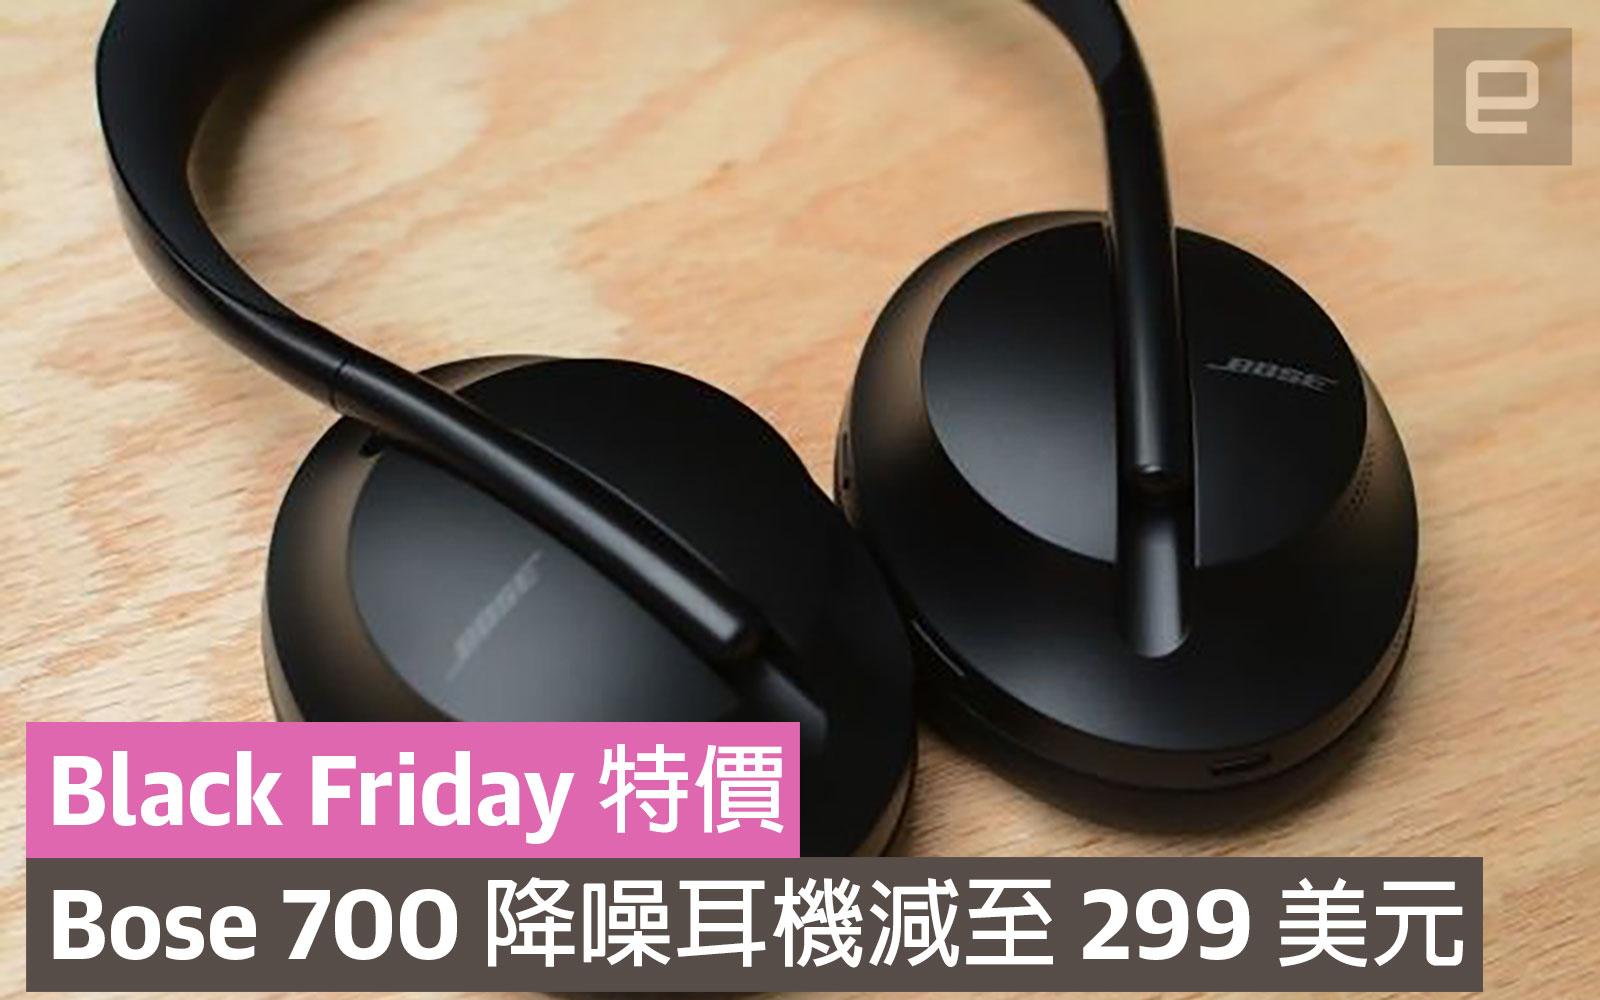 Bose 700 降噪耳機 Black Friday 特價減至 299 美元